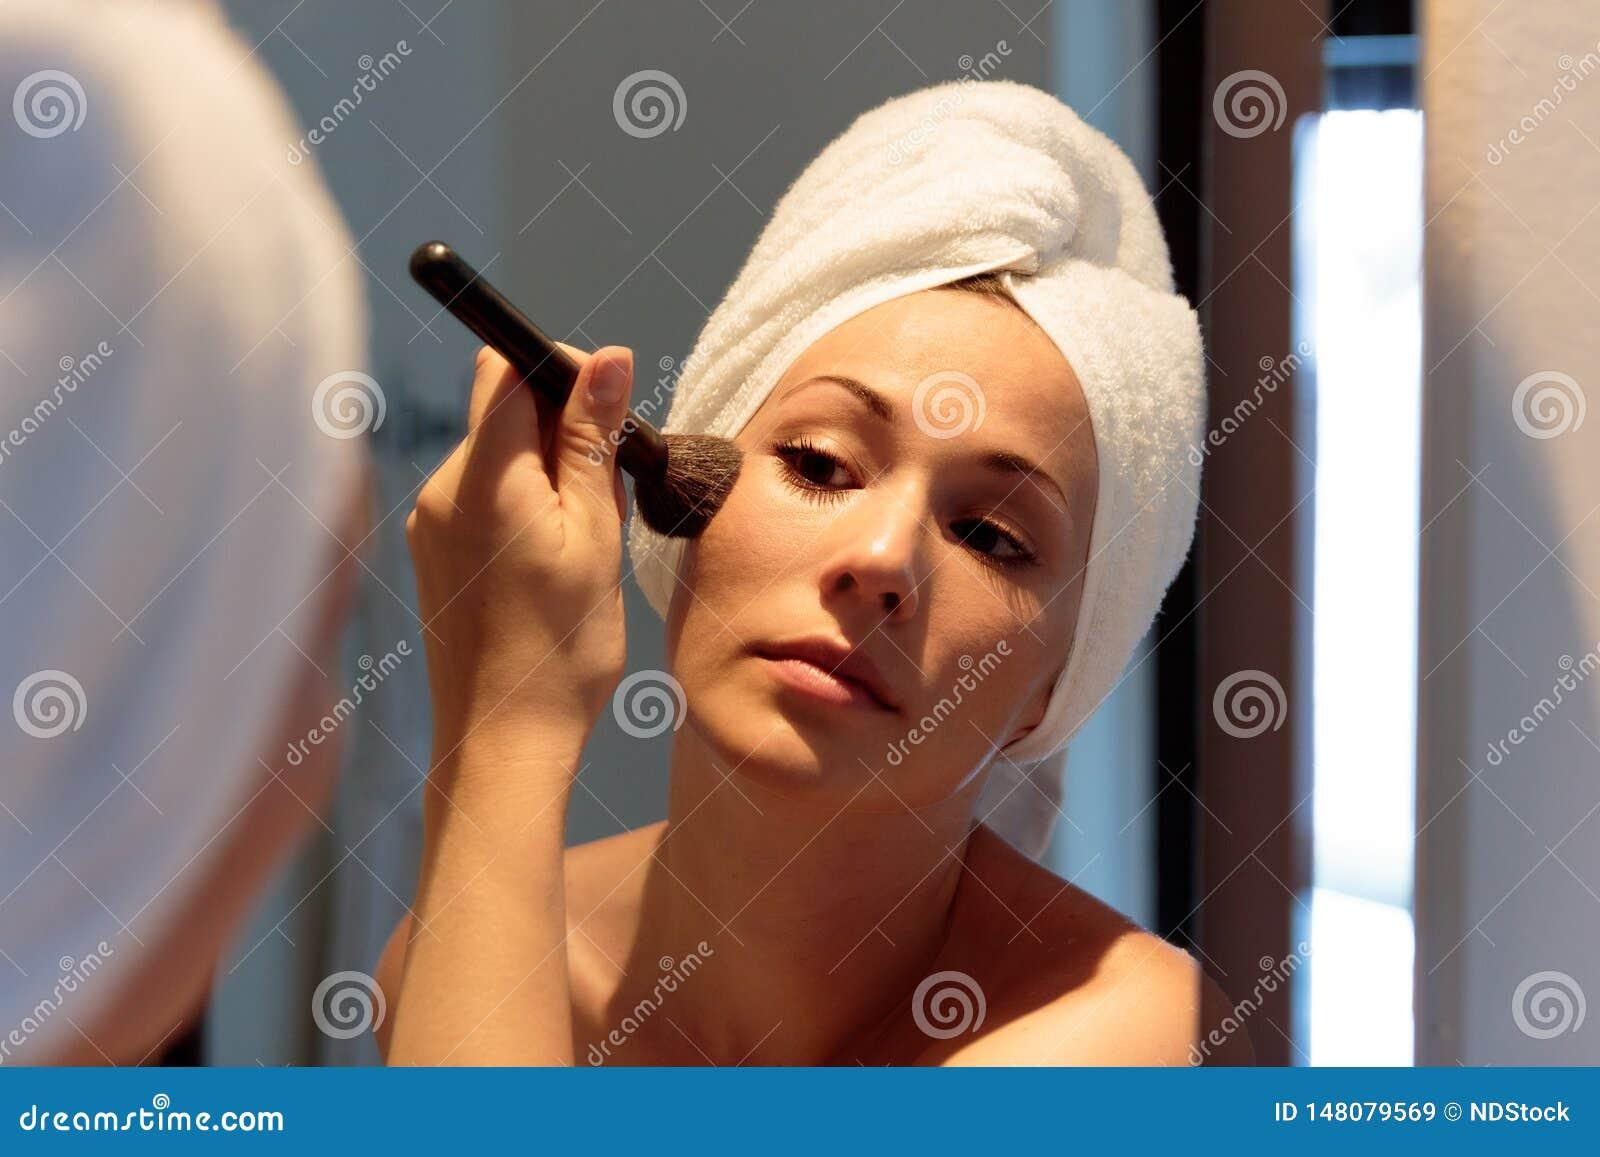 Mulher na frente do espelho que está pondo sobre a composição antes de sair na noite